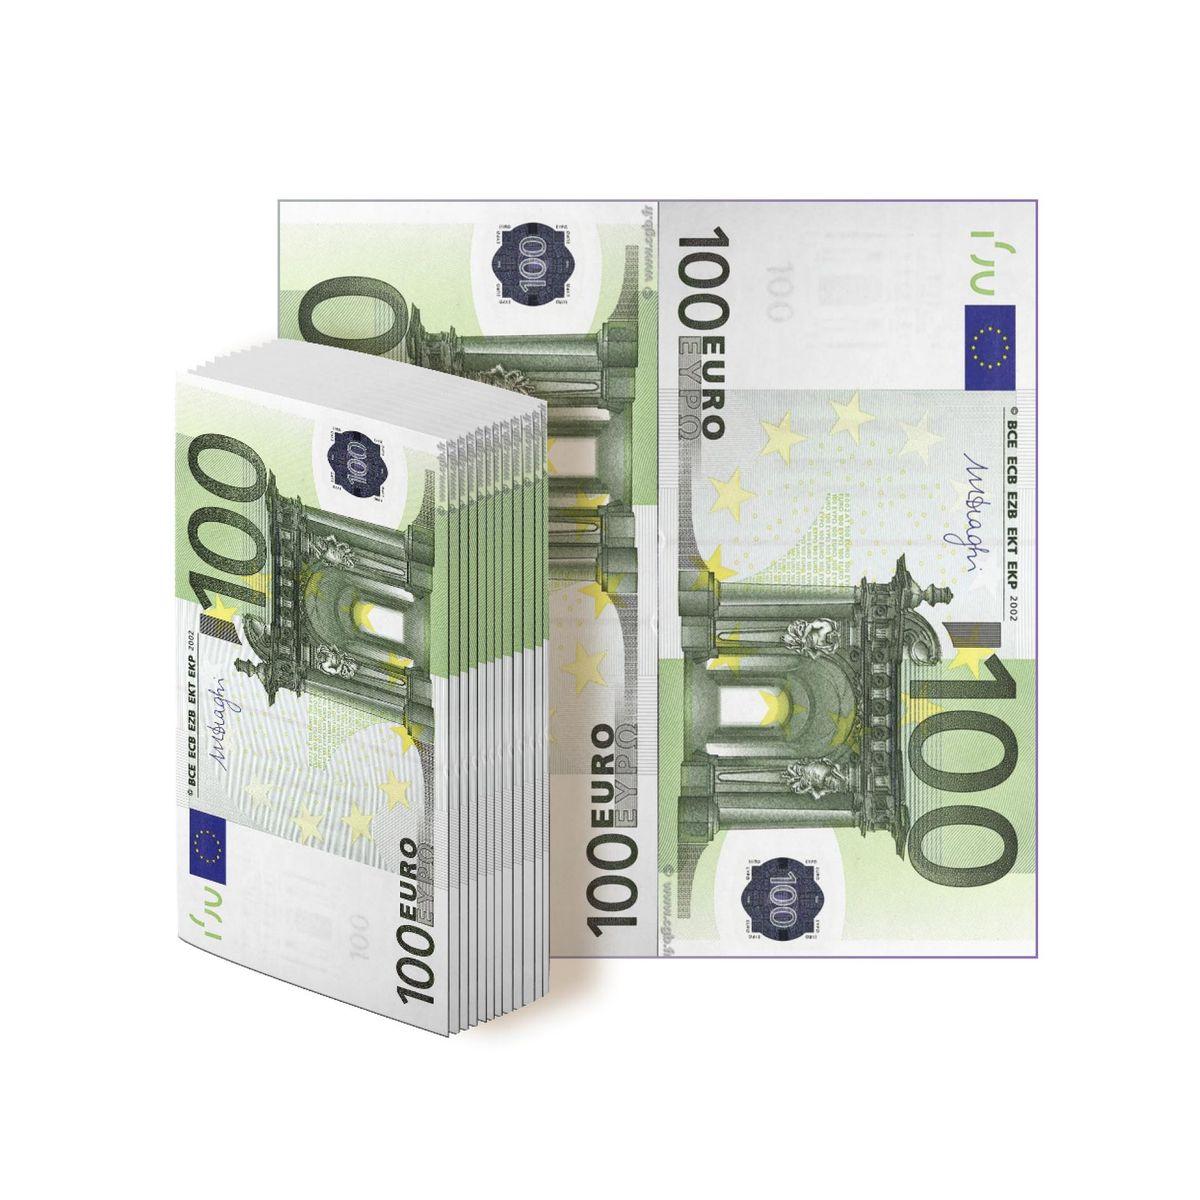 Салфетки бумажные Gratias 100 евро, трехслойные, 33 х 33 см, 12 шт91615Бумажные салфетки в виде купюр евро. Отличный выбор для оформления веселойвечеринки, подчеркнет ваше прекрасное чувствоюмора и добавит дополнительного антуража на ваш праздник. Размер салфеток: - в сложенном виде: 16 х 8 см; - в развернутом виде: 33 х 33 см.